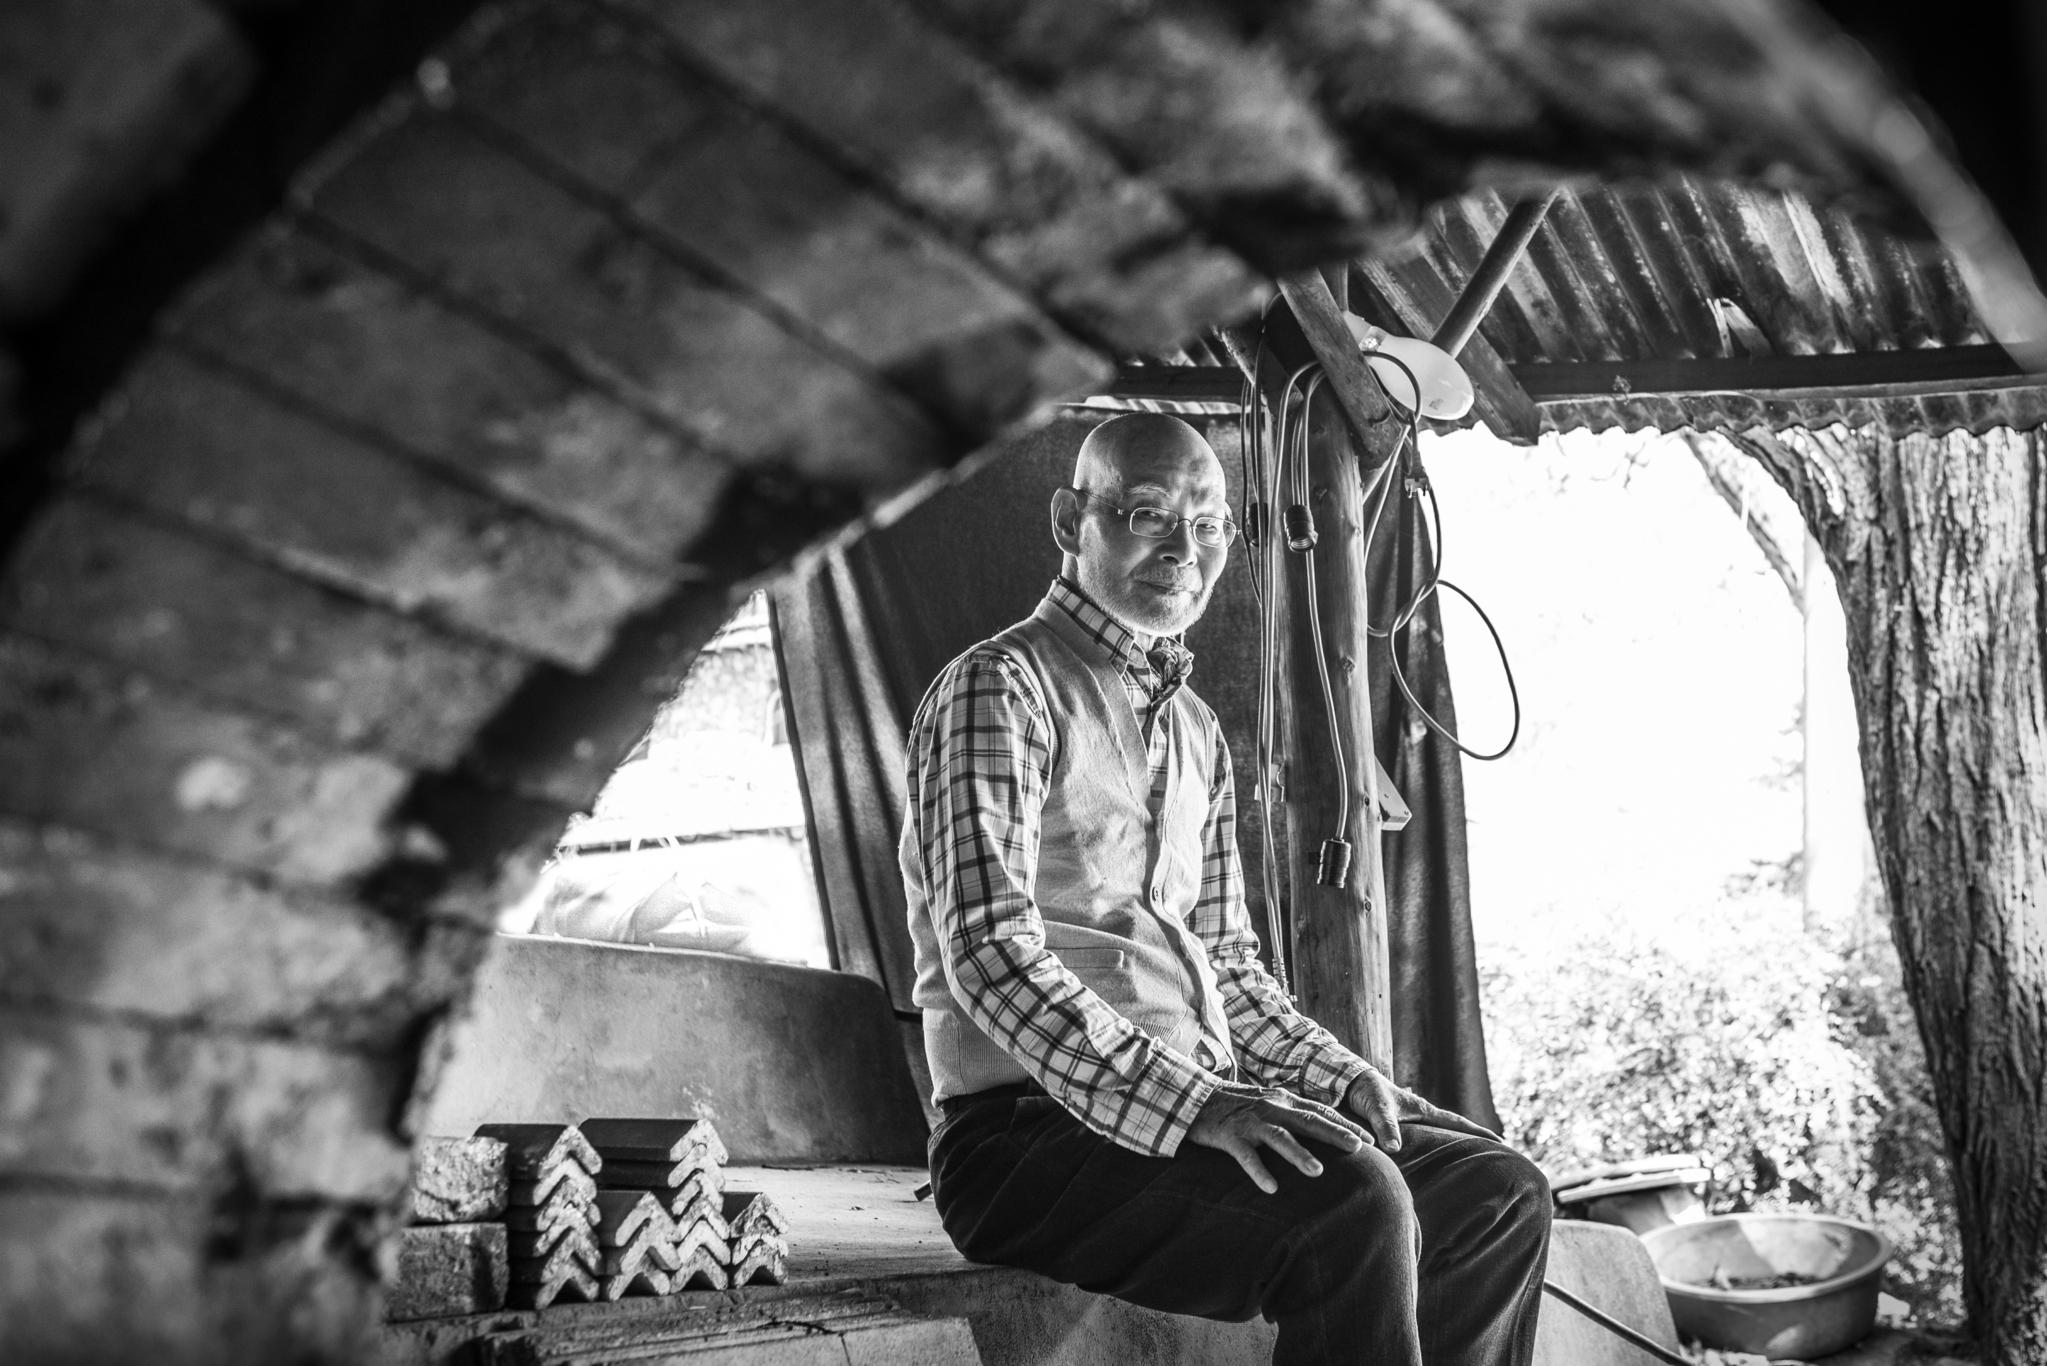 그가 손수 만든 용가마는 43년 세월 동안 252회 재벌구이를 해냈다. 올 10월, 김기철 도예가는 어쩌면 여기서 마지막 작업을 할 것이라고 했다. 권혁재 사진전문기자